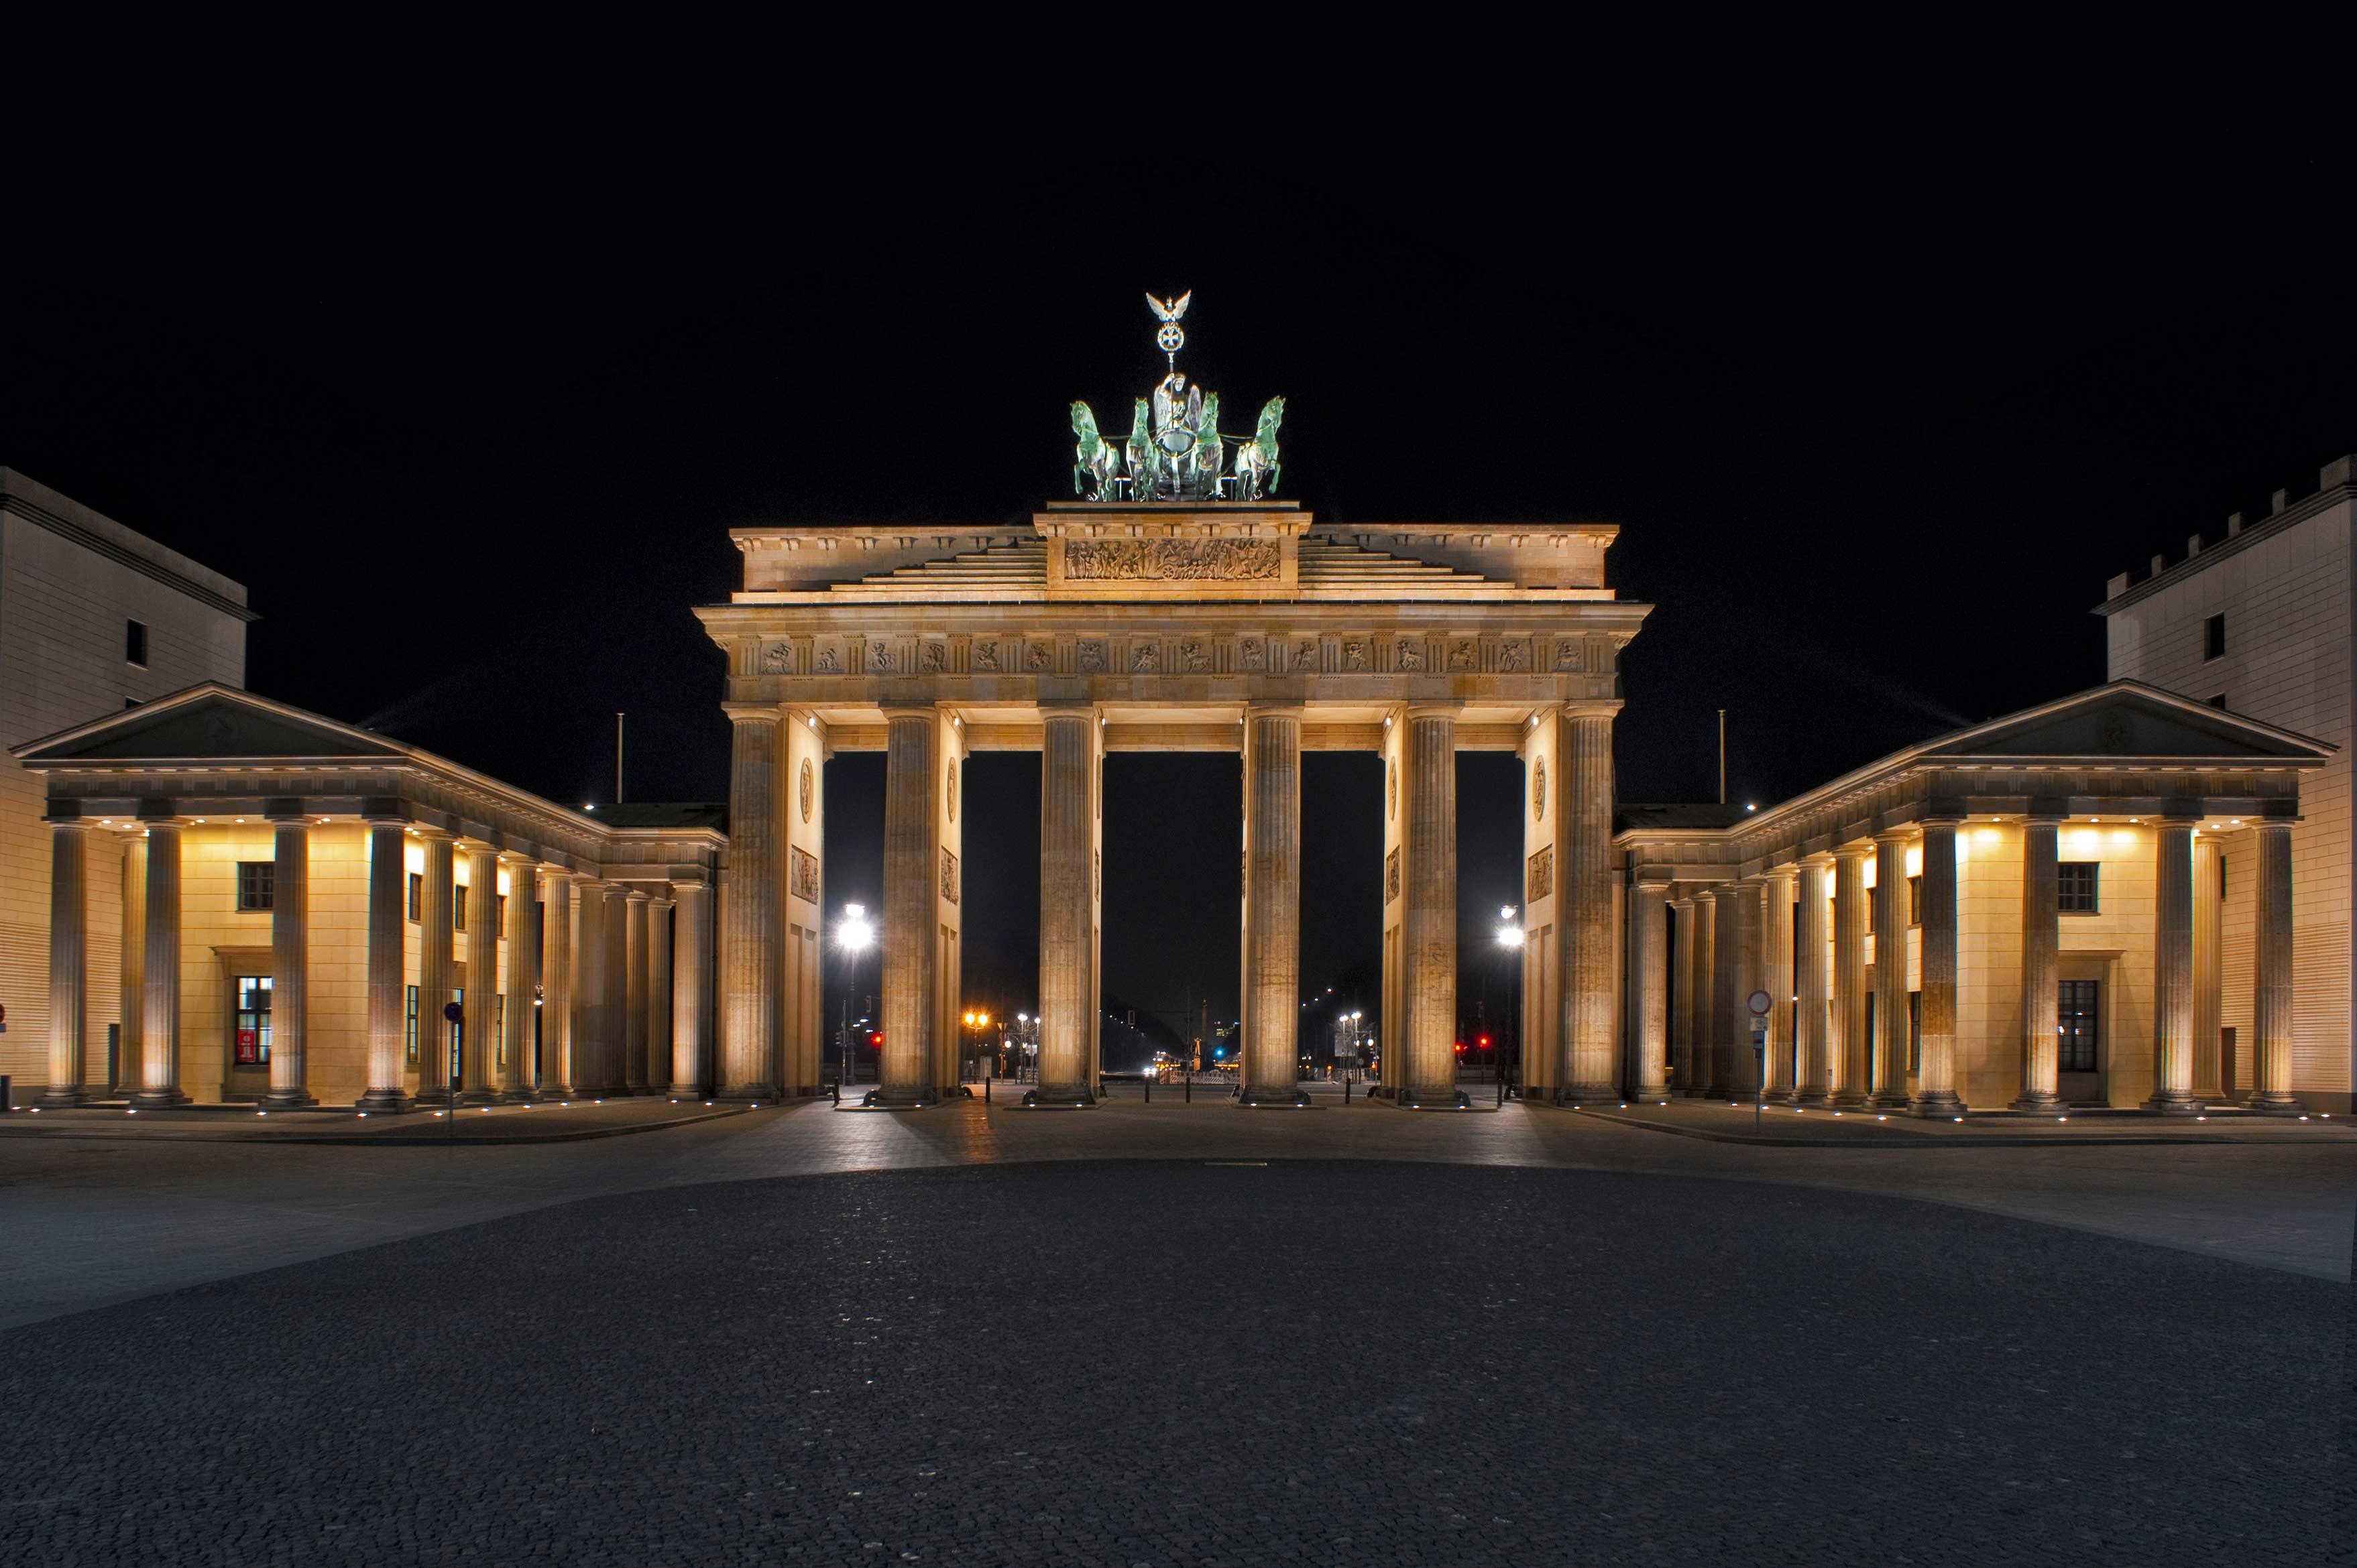 Бранденбургские ворота в берлине - история, фото, описание, как добраться, карта